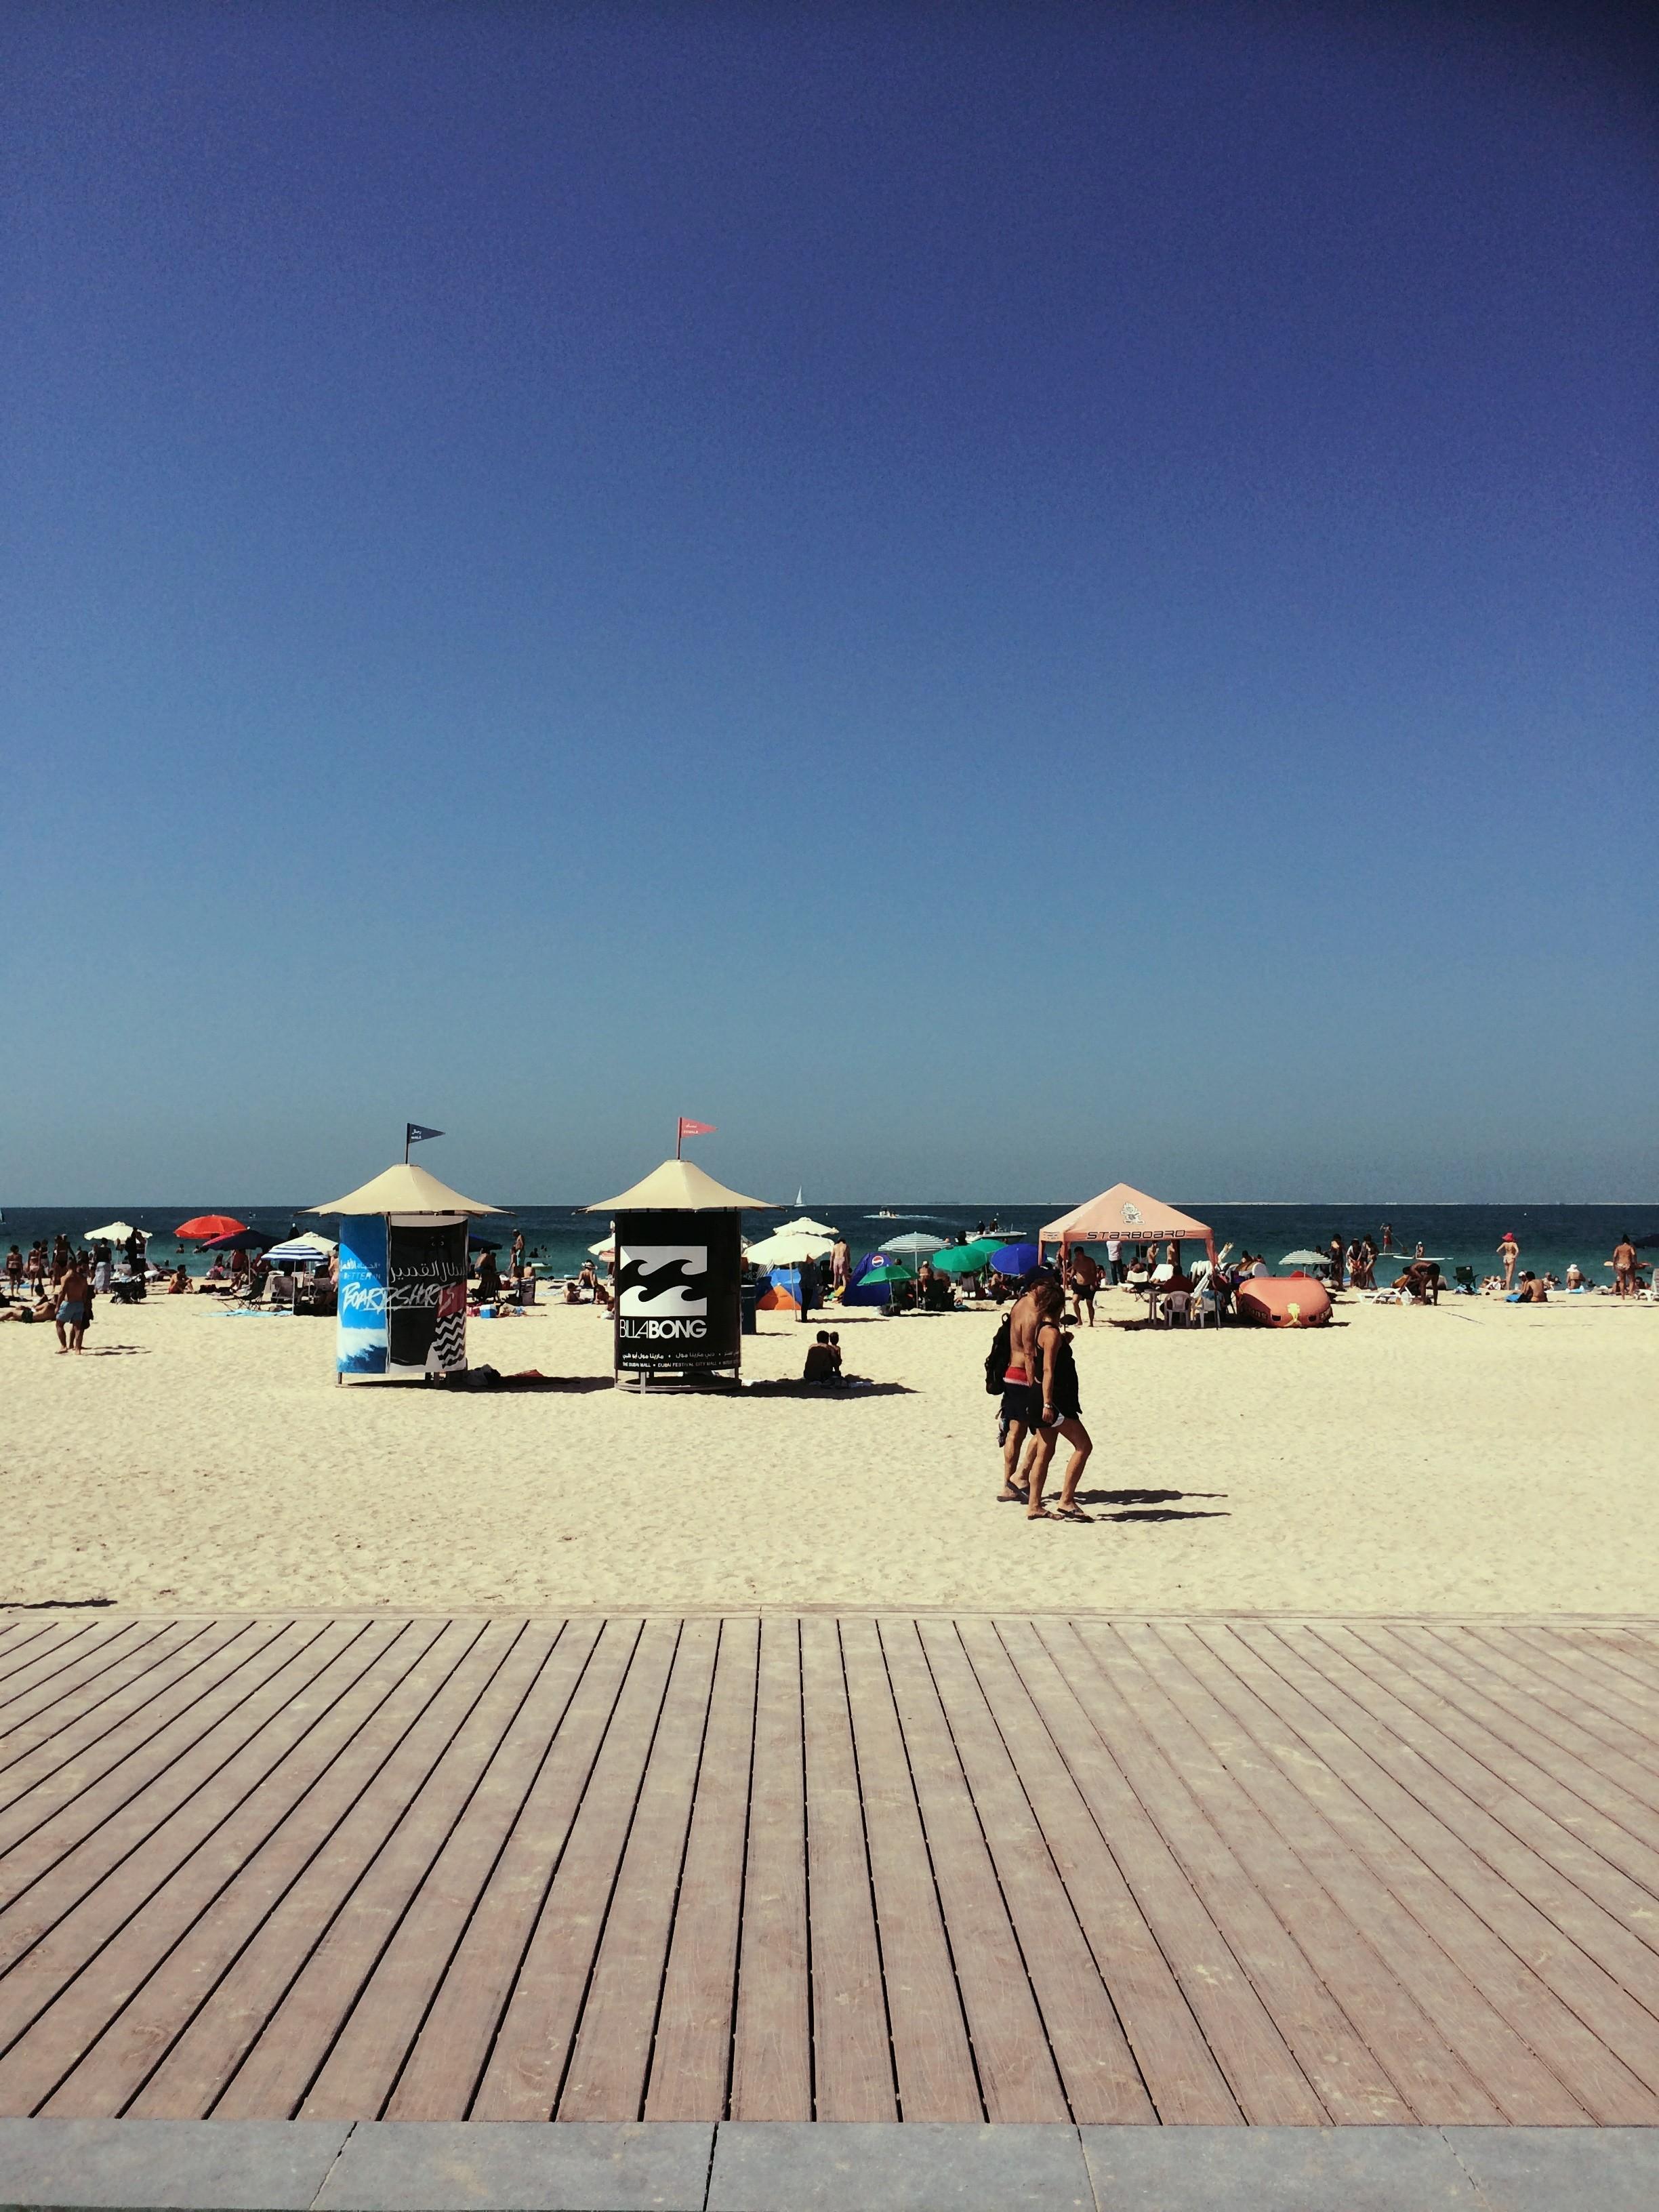 Kohta taas aurinkoa. Sillä aikaa voi ihailla vain kuvia. Tämä Dubaista Kite Beachiltä.